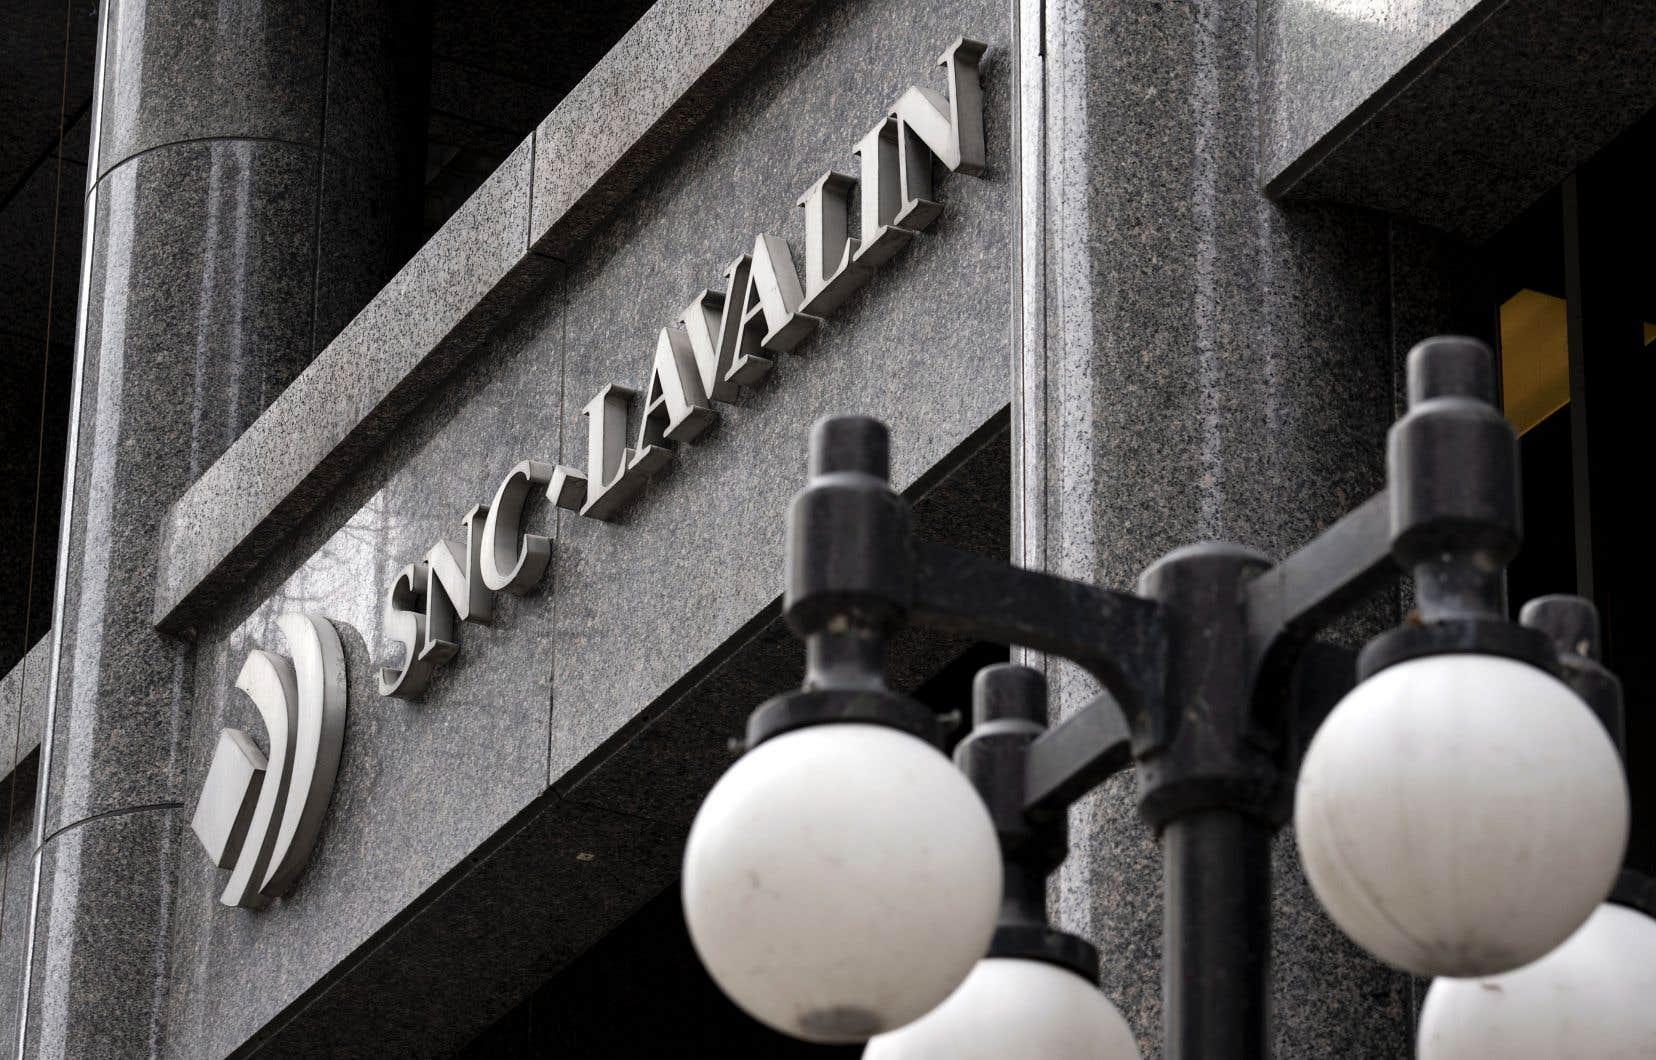 L'entreprise a appris avec stupéfaction lundi que Codelco a mis fin au contrat de 260 millions $US qui lie les deux sociétés.